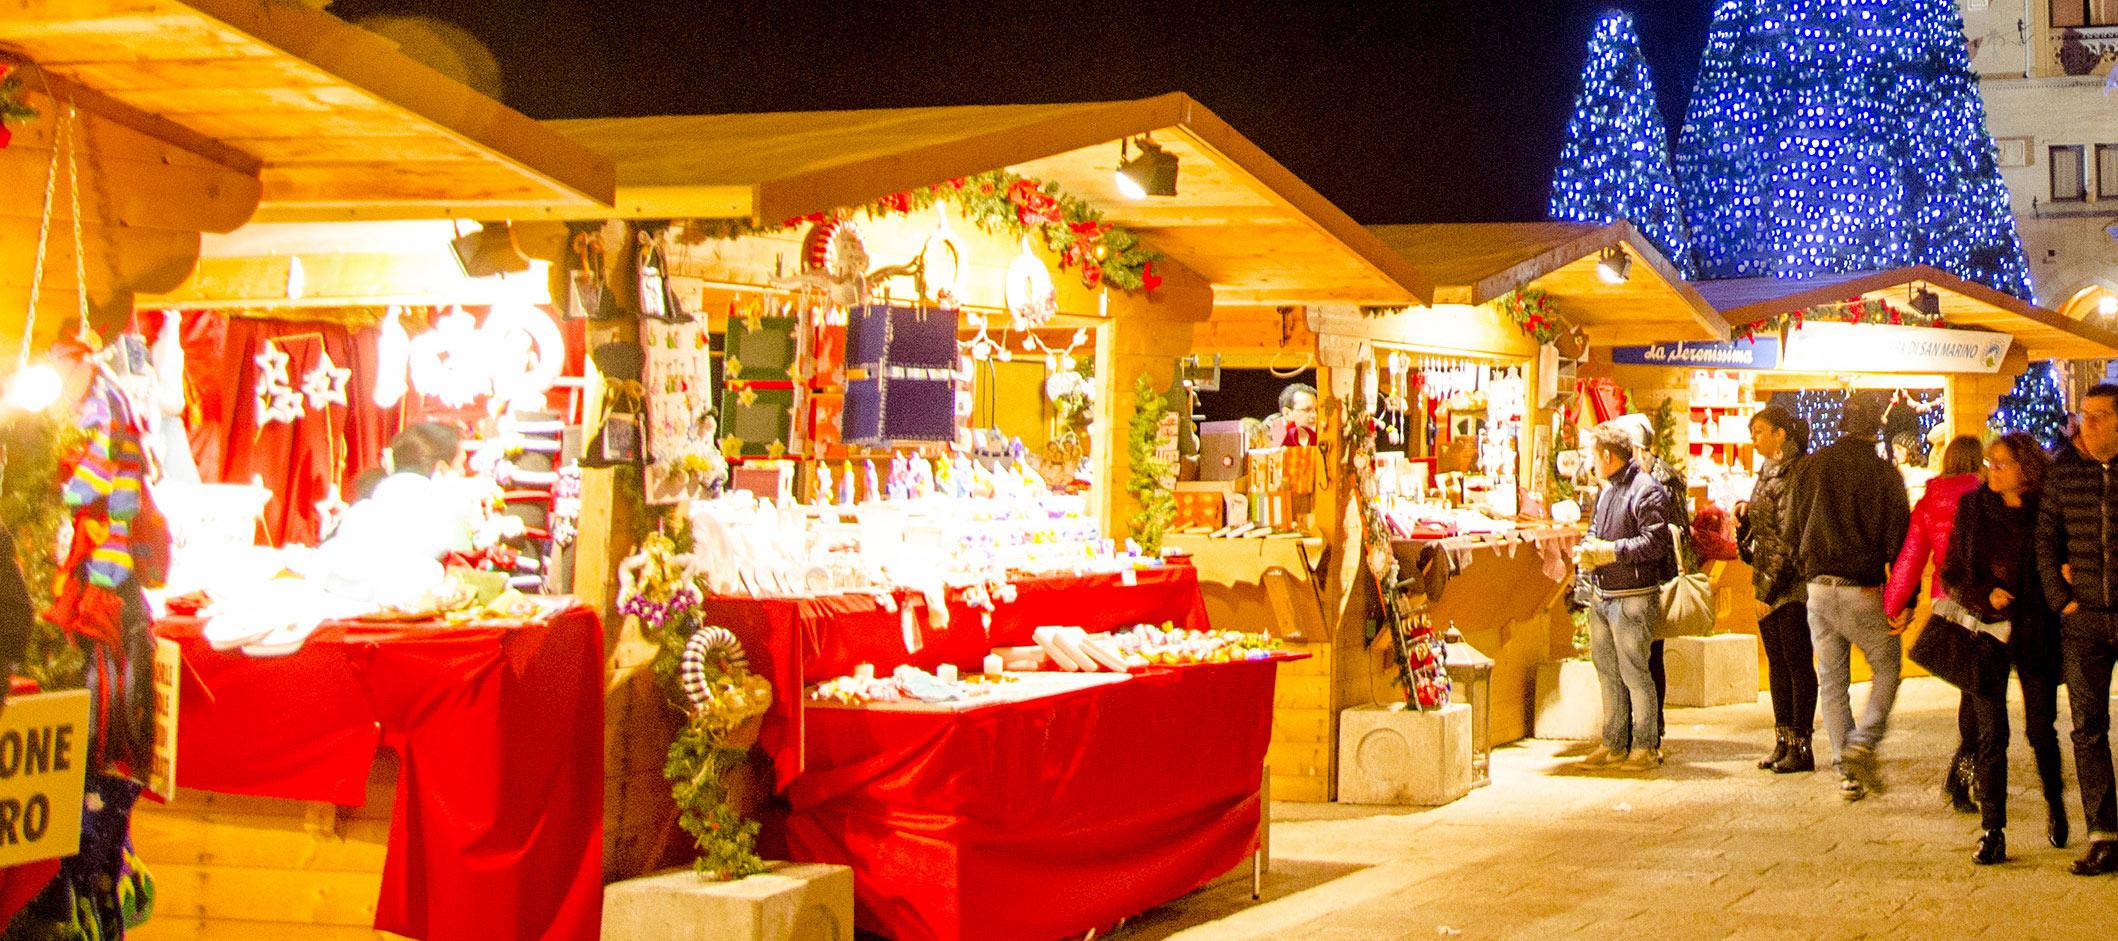 Ovindoli ospita la prima edizione del mercatino di Natale, apertura delle piccole botteghe artigiane